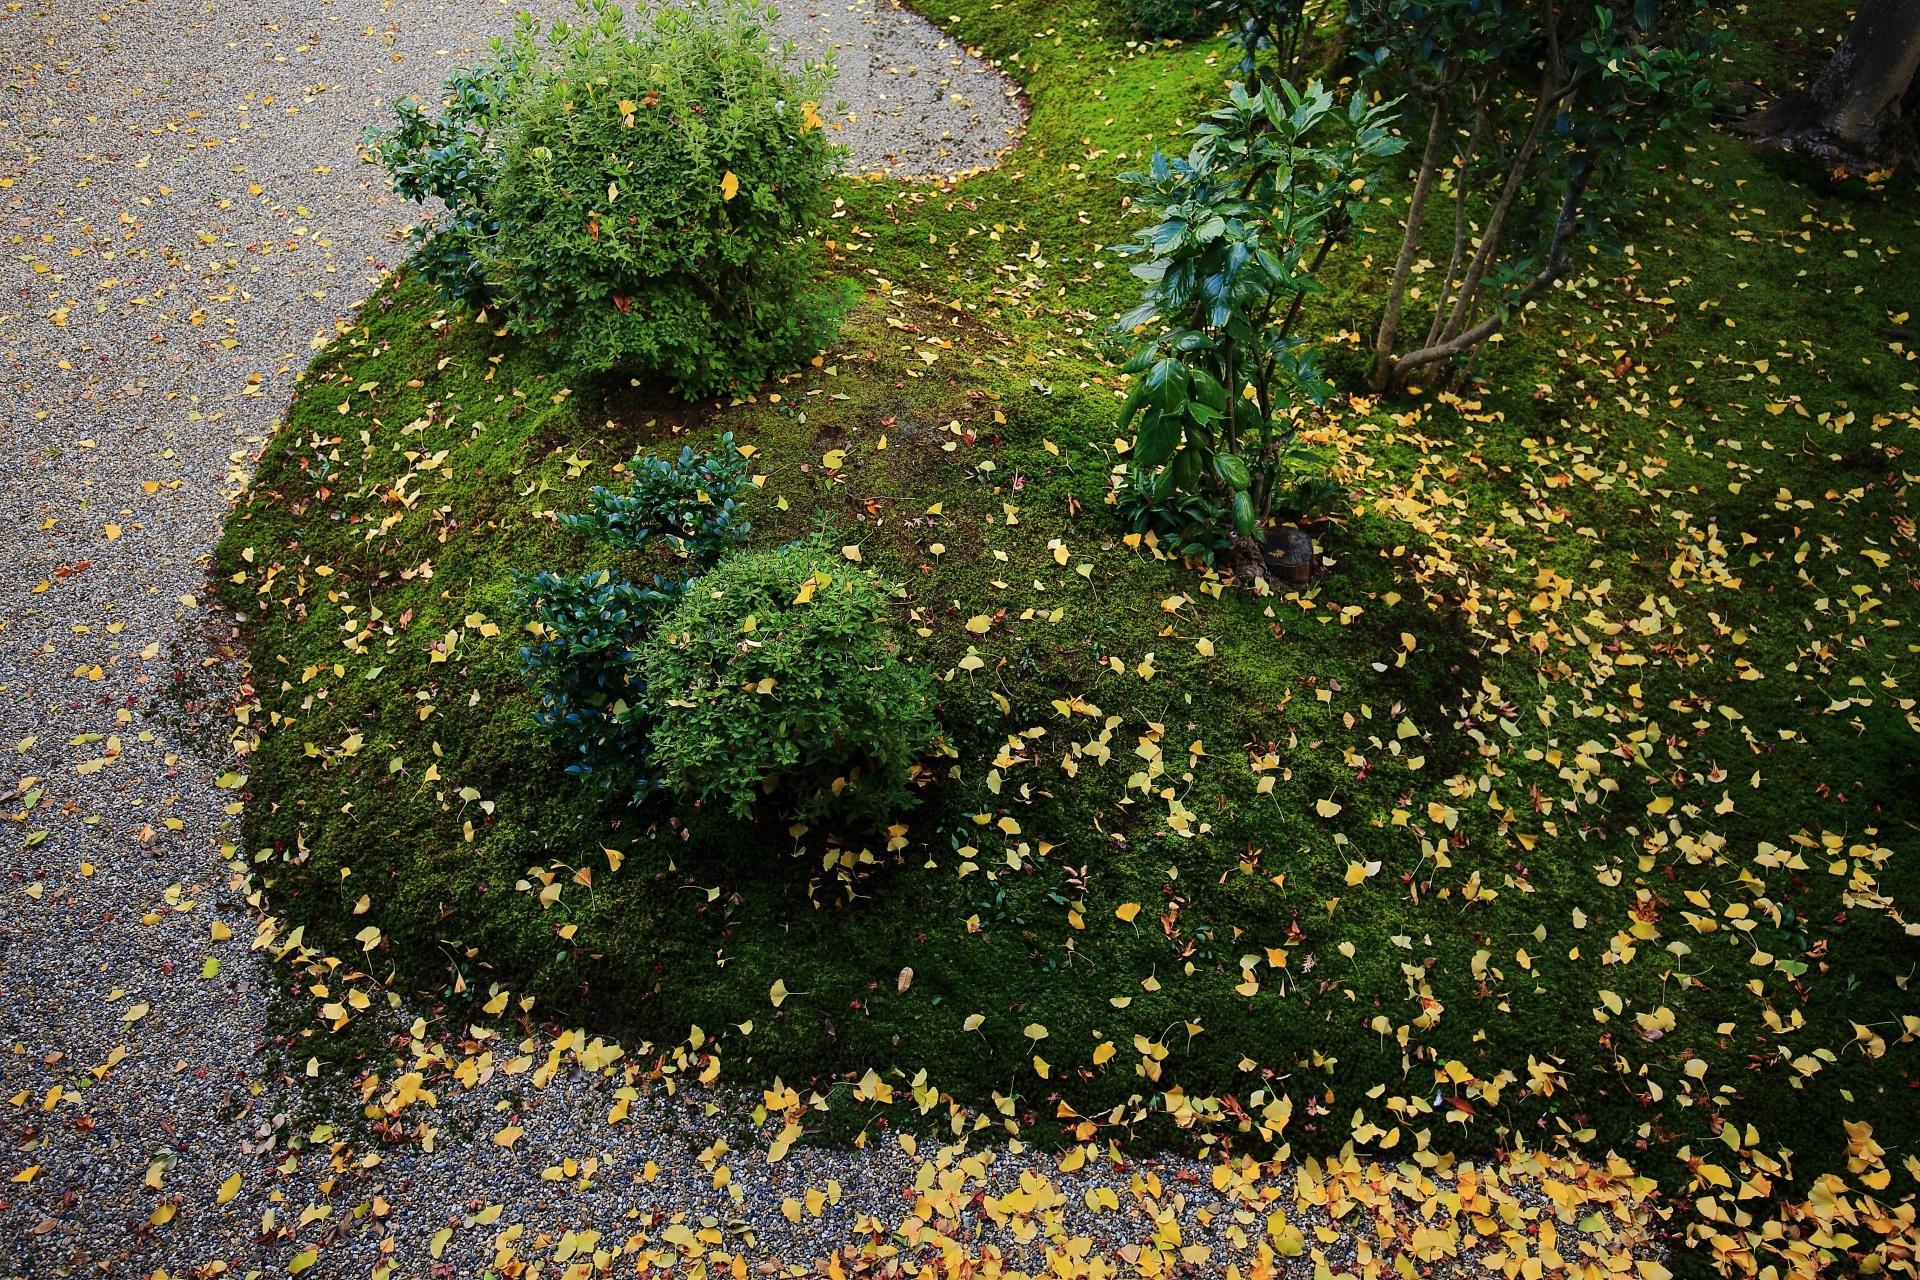 龍華庭園の緑の苔や植物を彩る華やかな黄色い散り銀杏